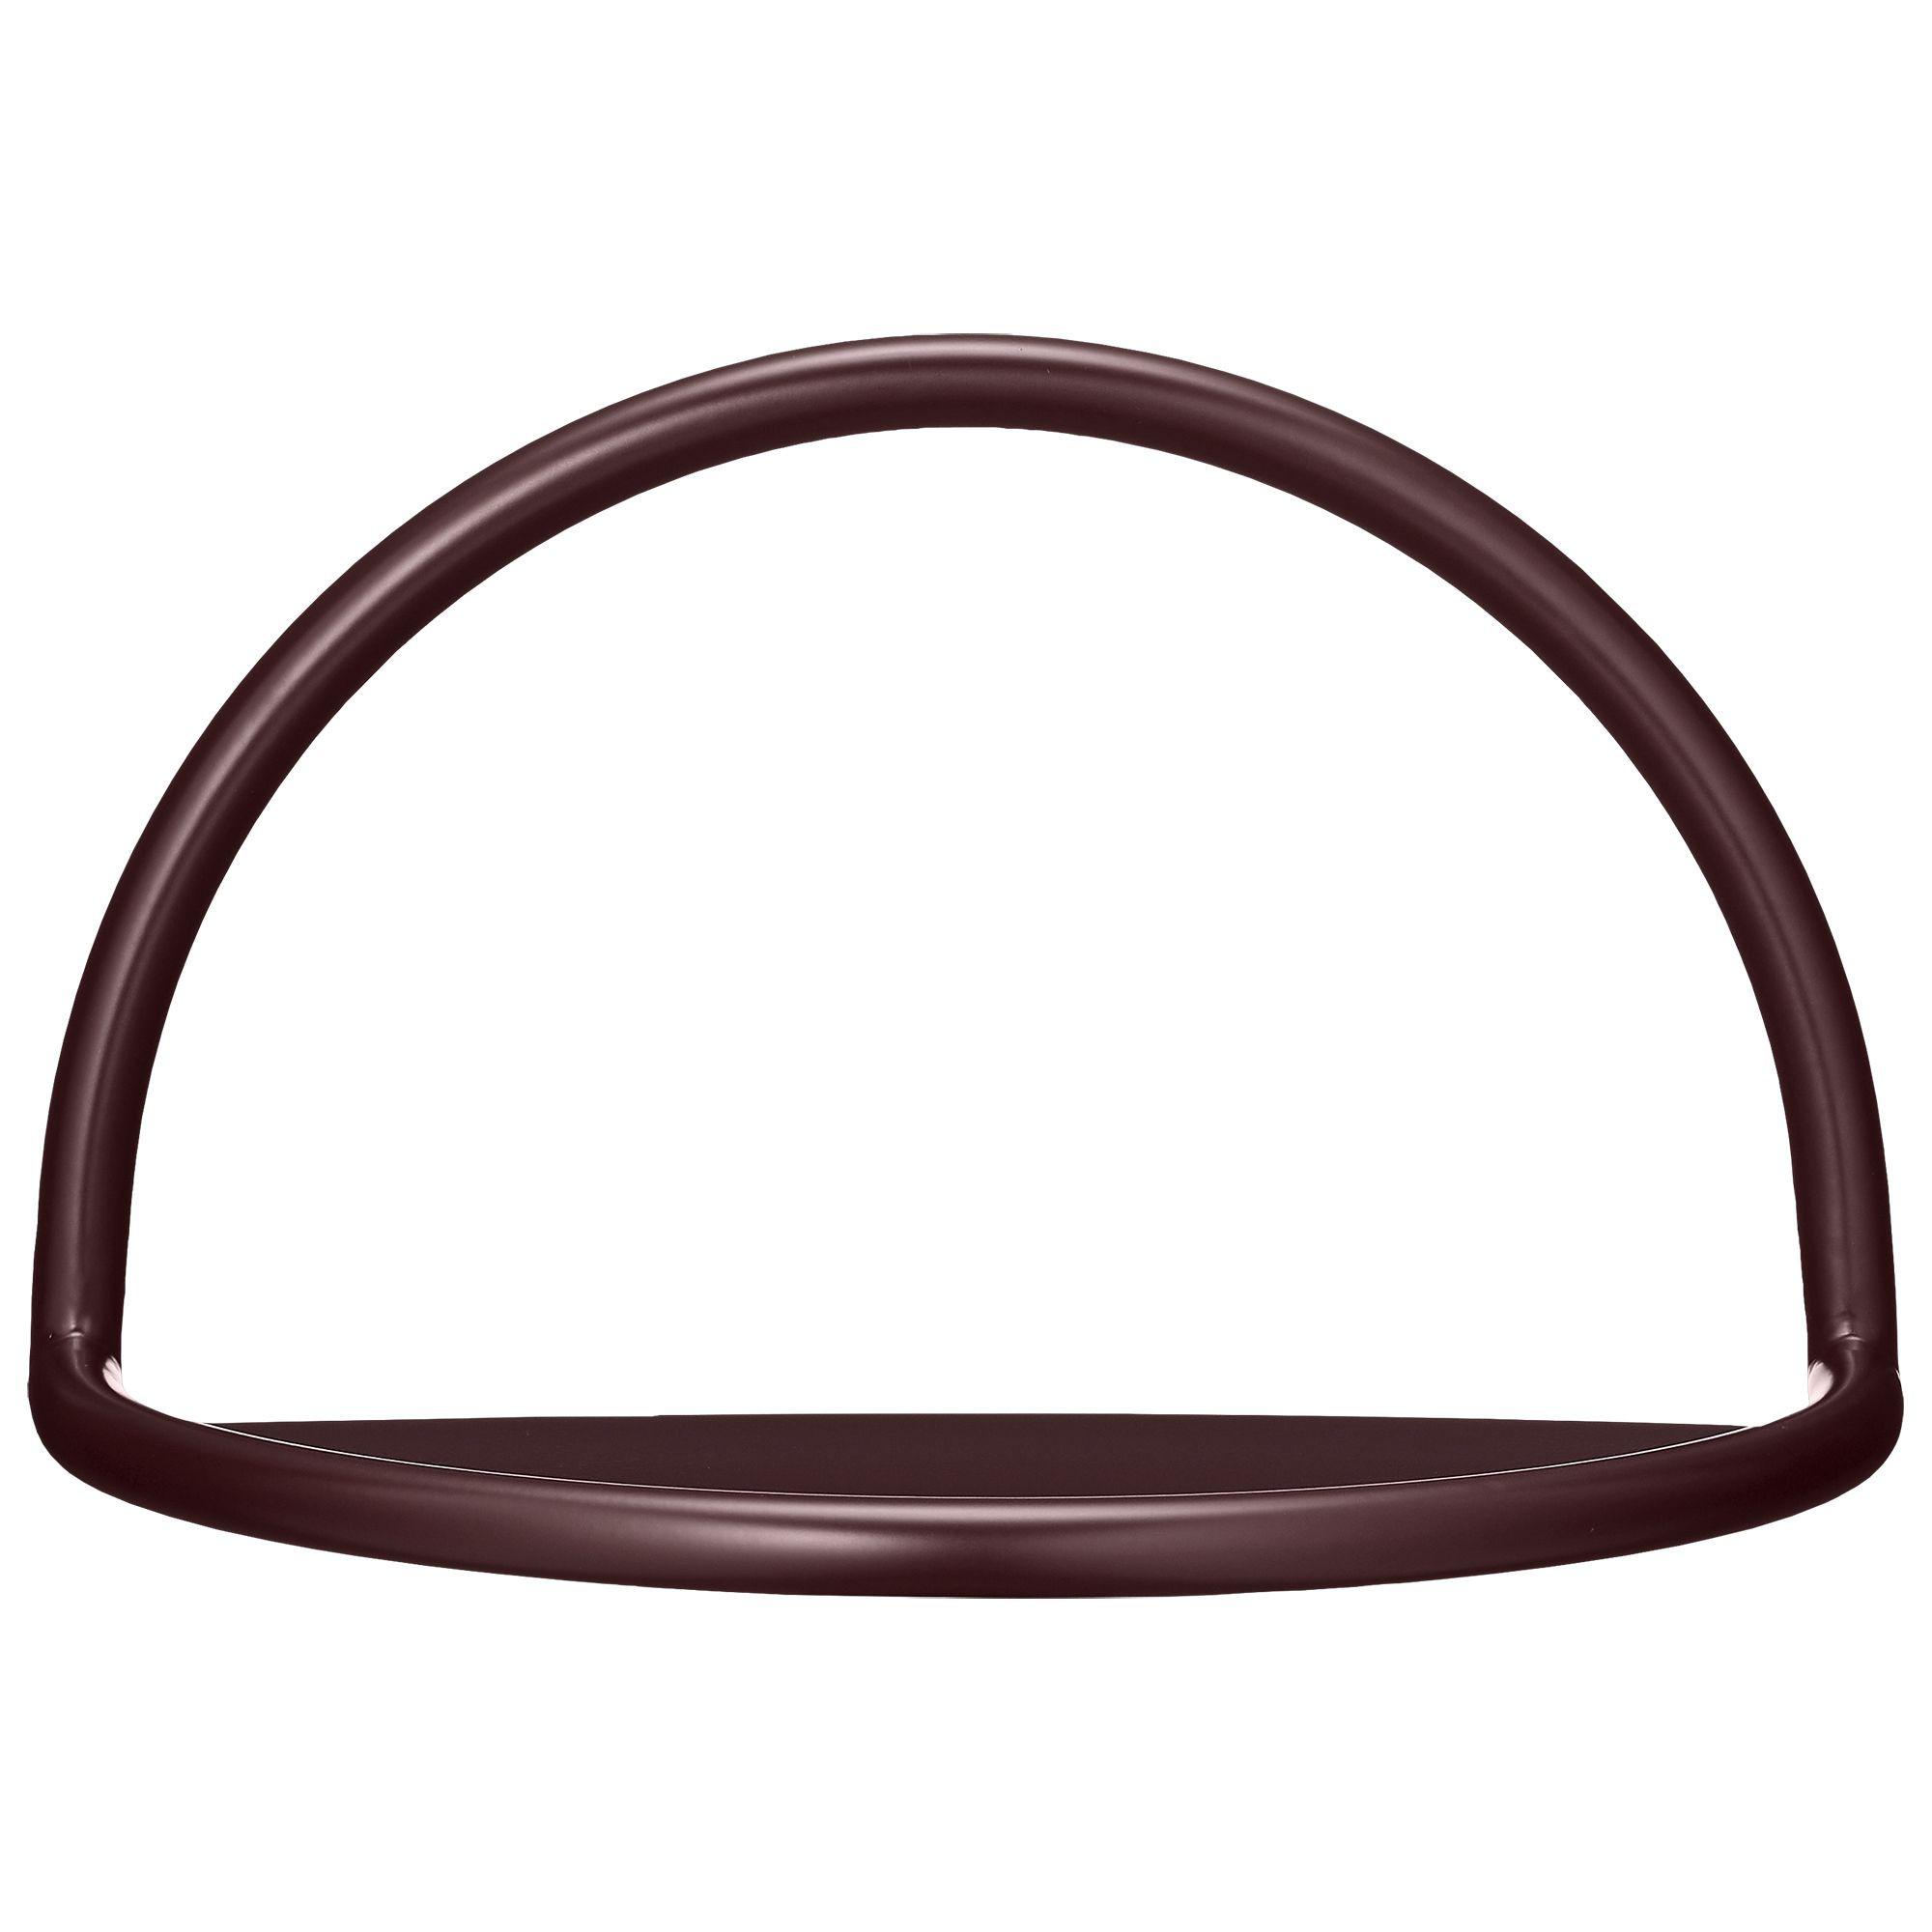 Shelf Angui L 39 cm | Bordeaux